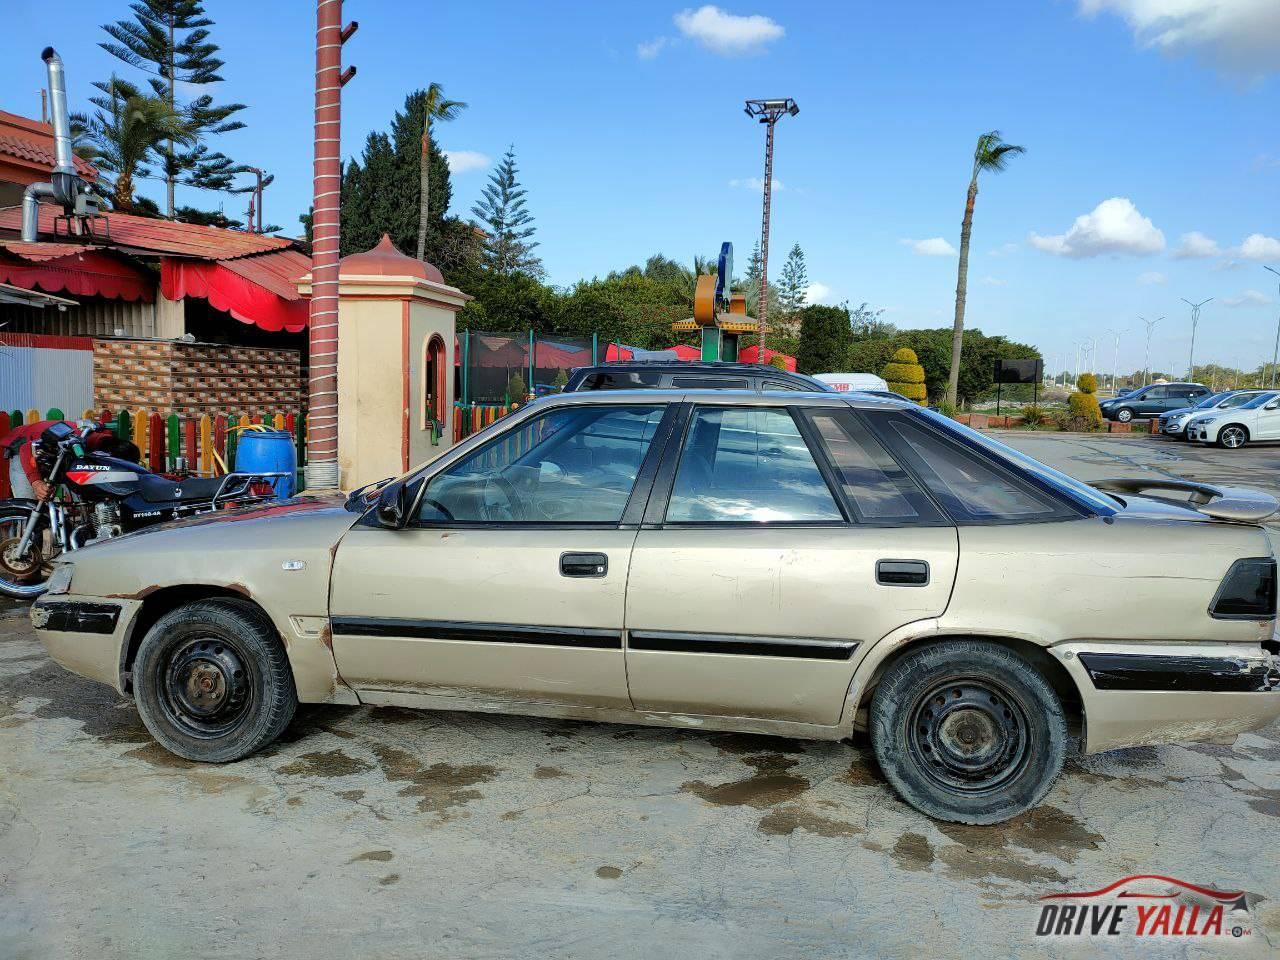 سيارة دايو اسبيرو اوتوماتيك للبيع موديل 1998